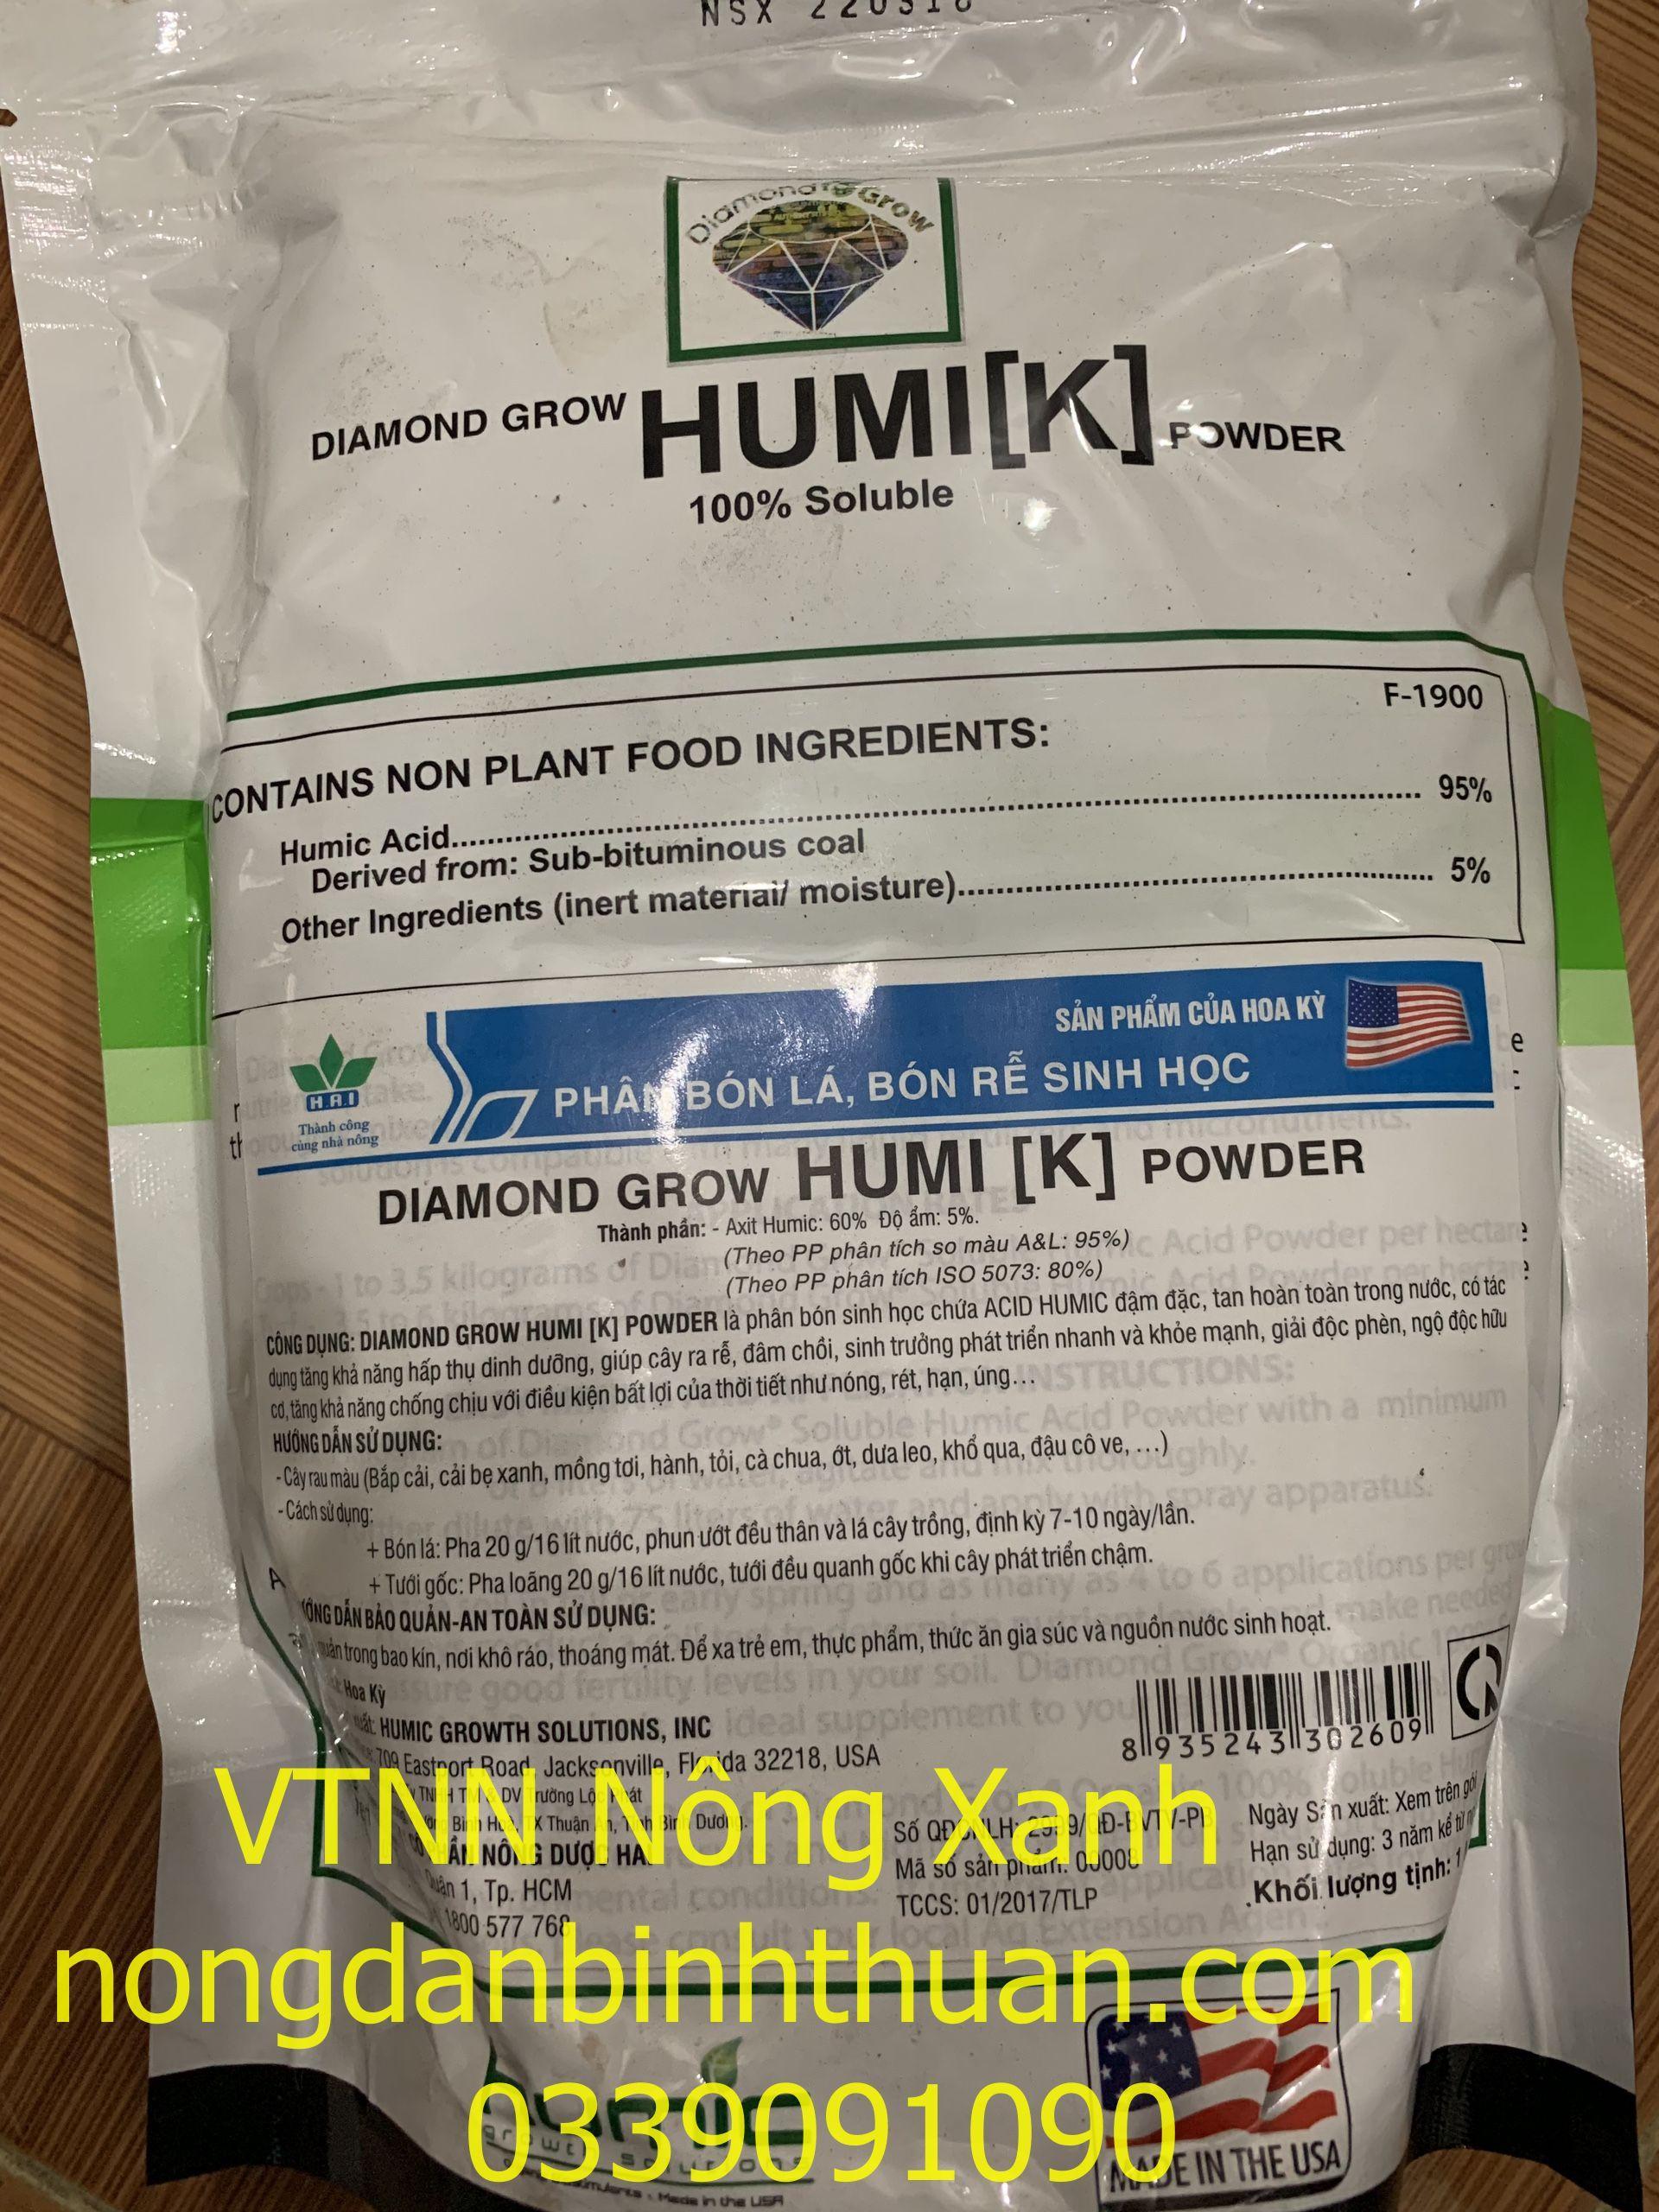 Axit humic Mỹ thành phần Axit humic 95%